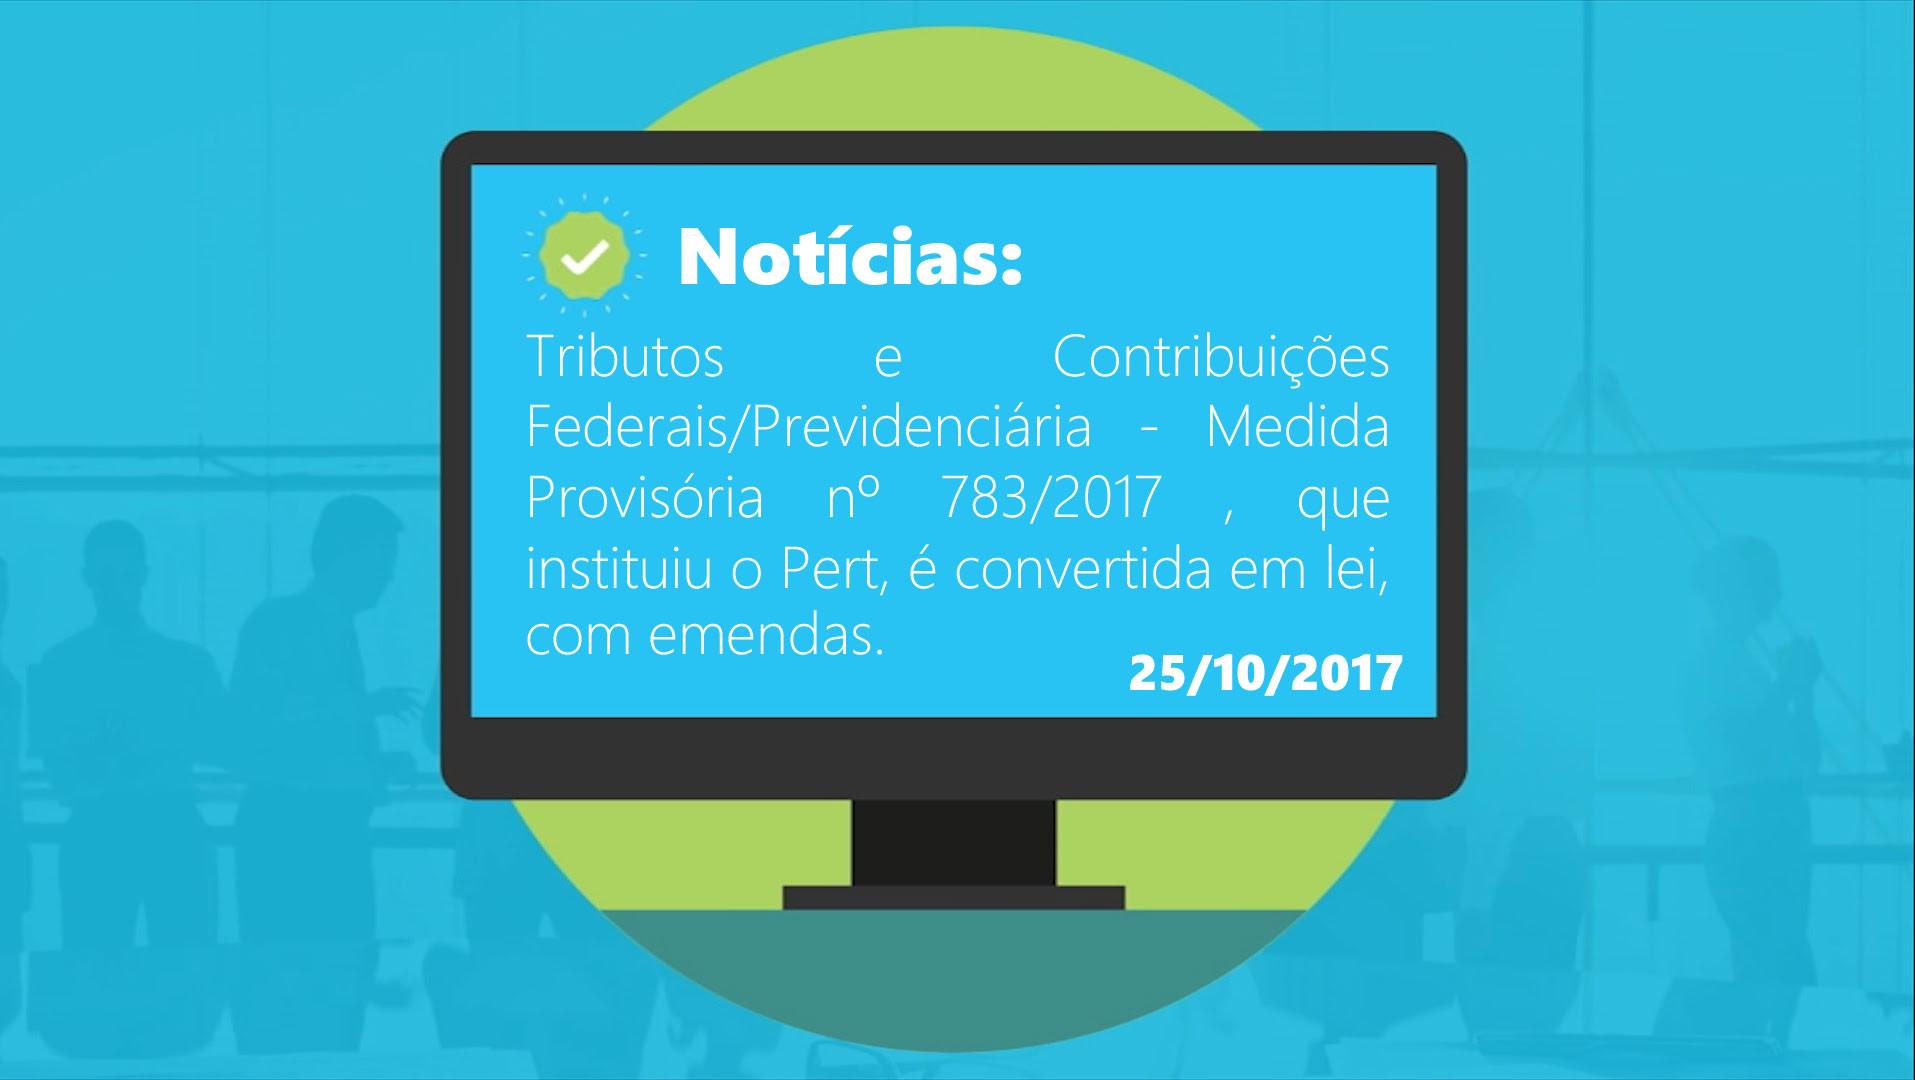 Medida Provisória, que instituiu o PERT, é convertida em lei, com emendas.